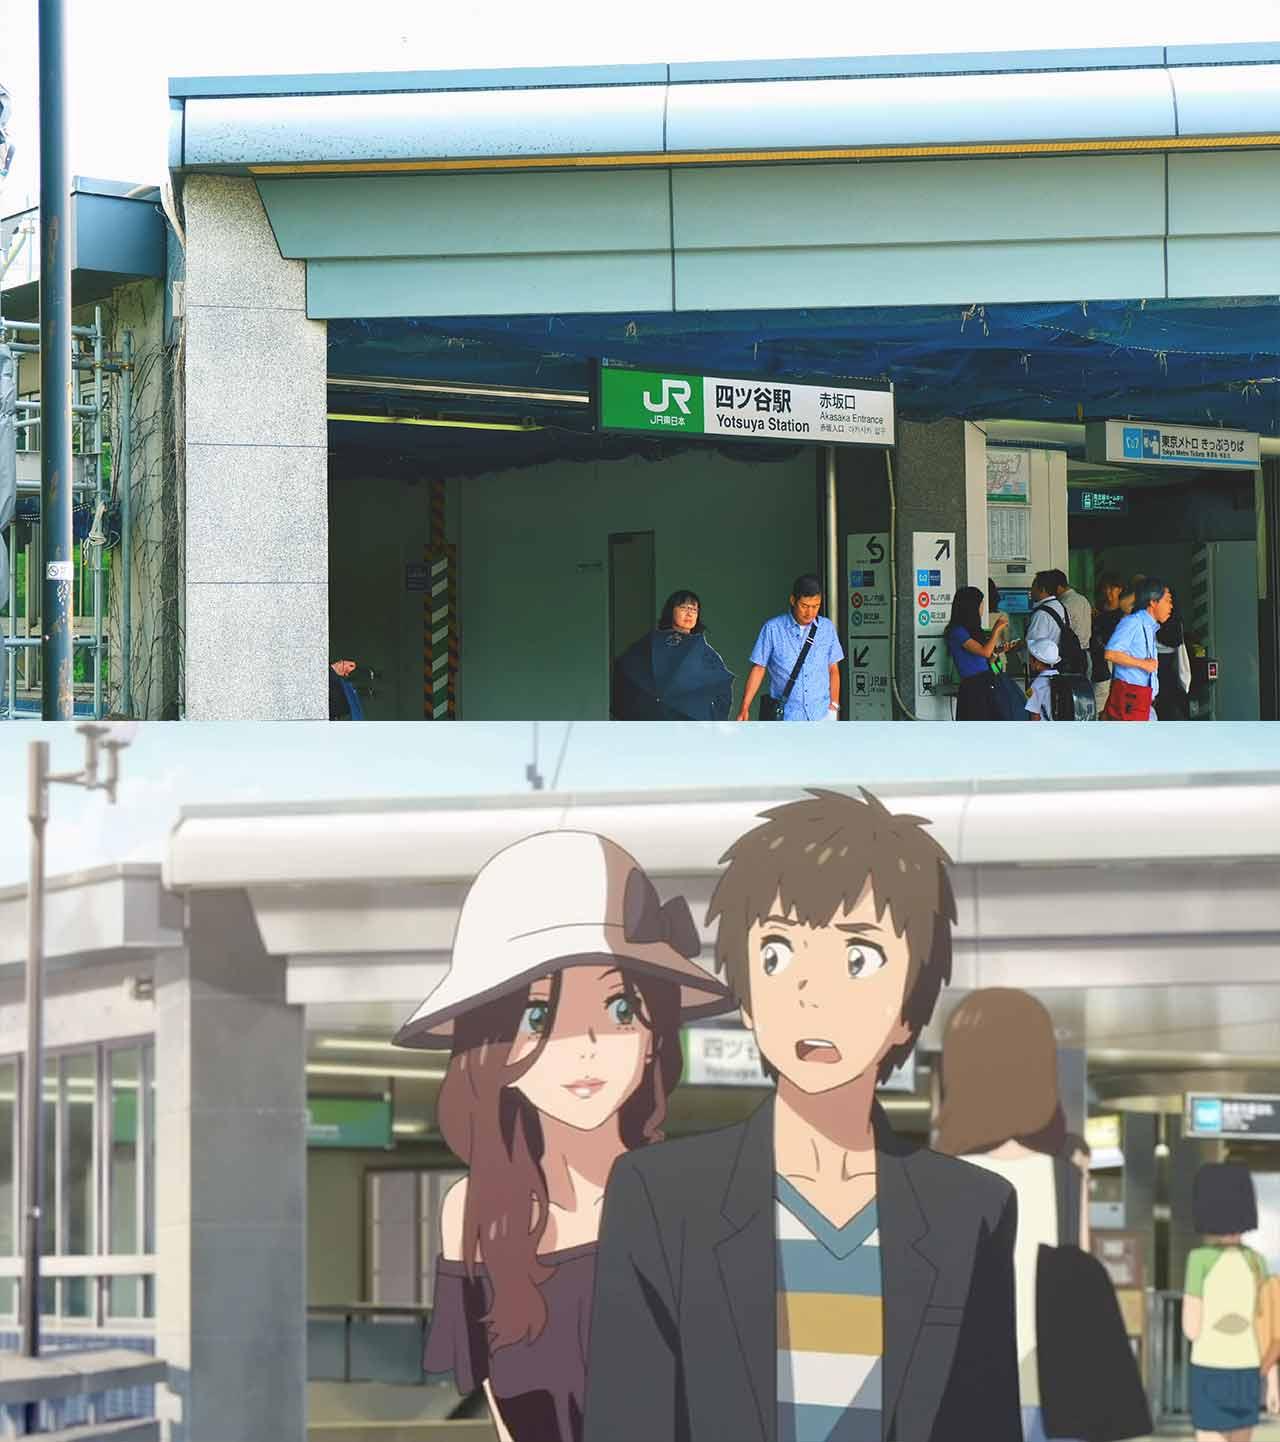 yotsuya station exit